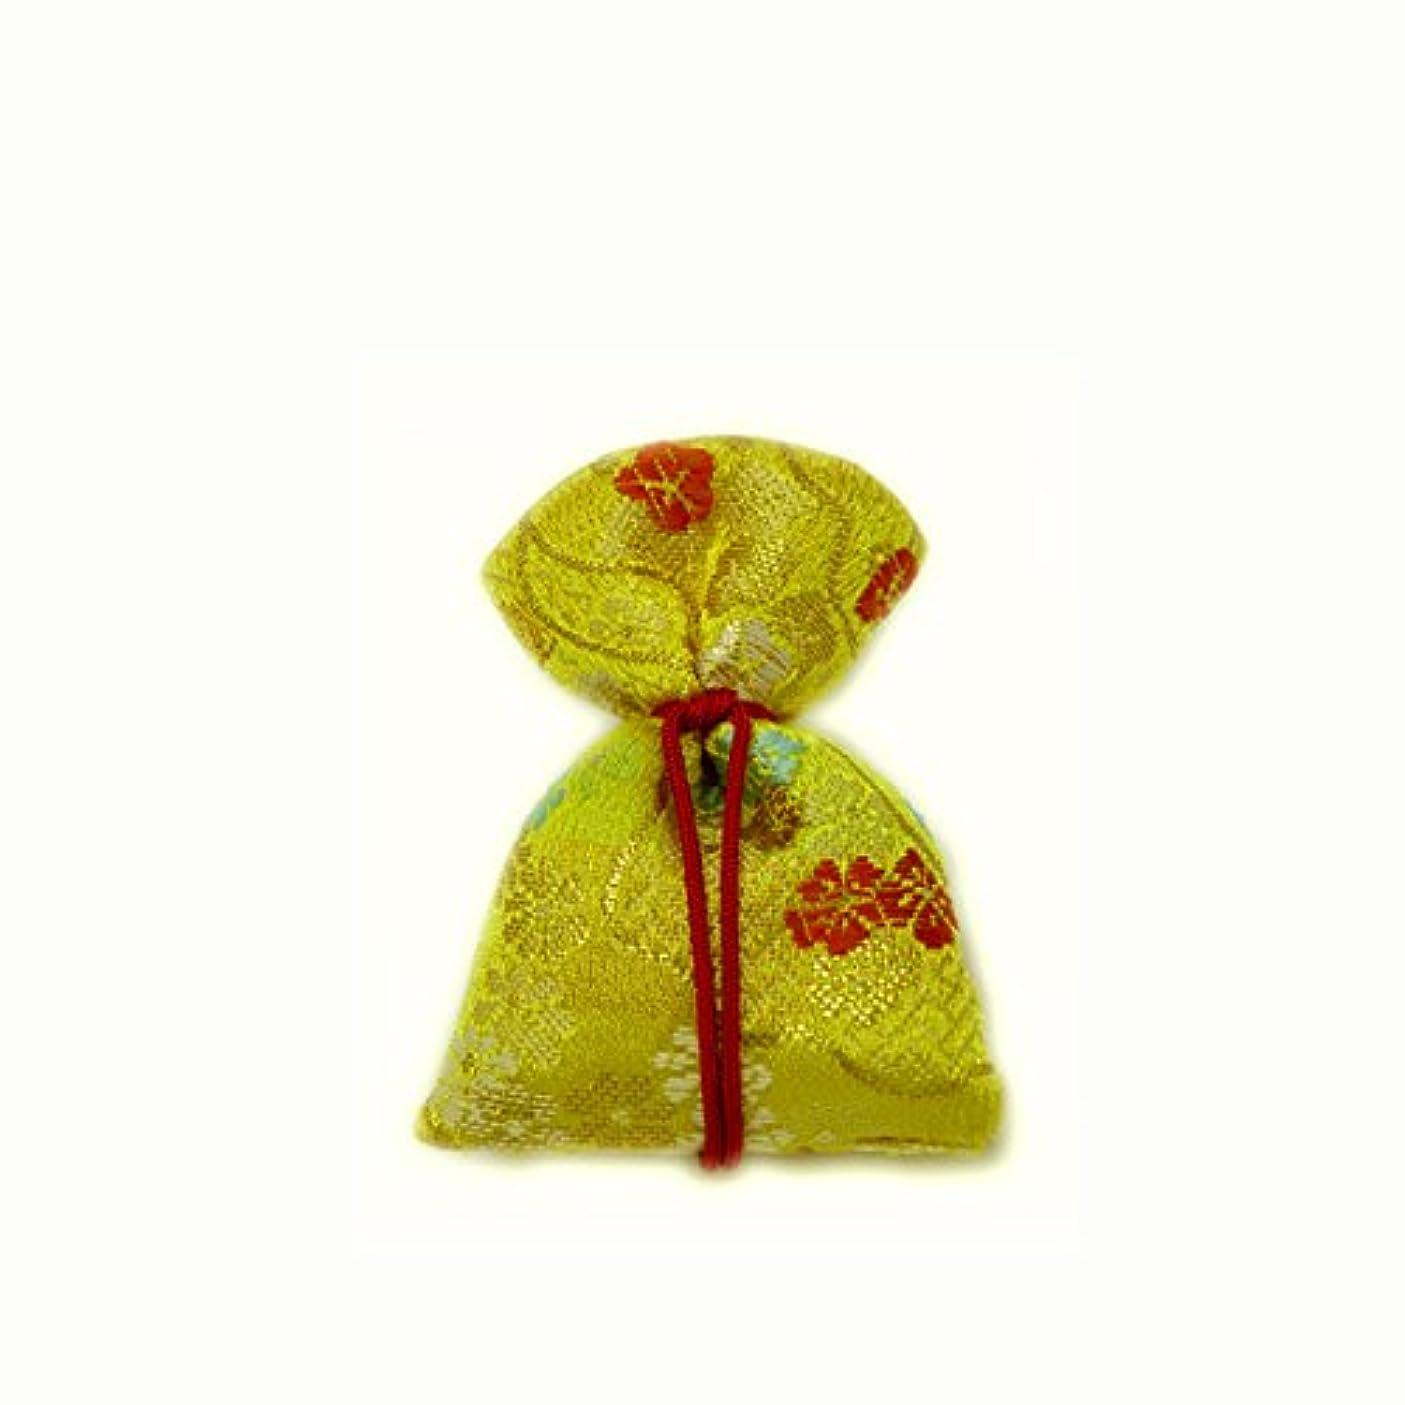 よく話されるバラエティリングレット匂袋 巾着 金襴中 黄系